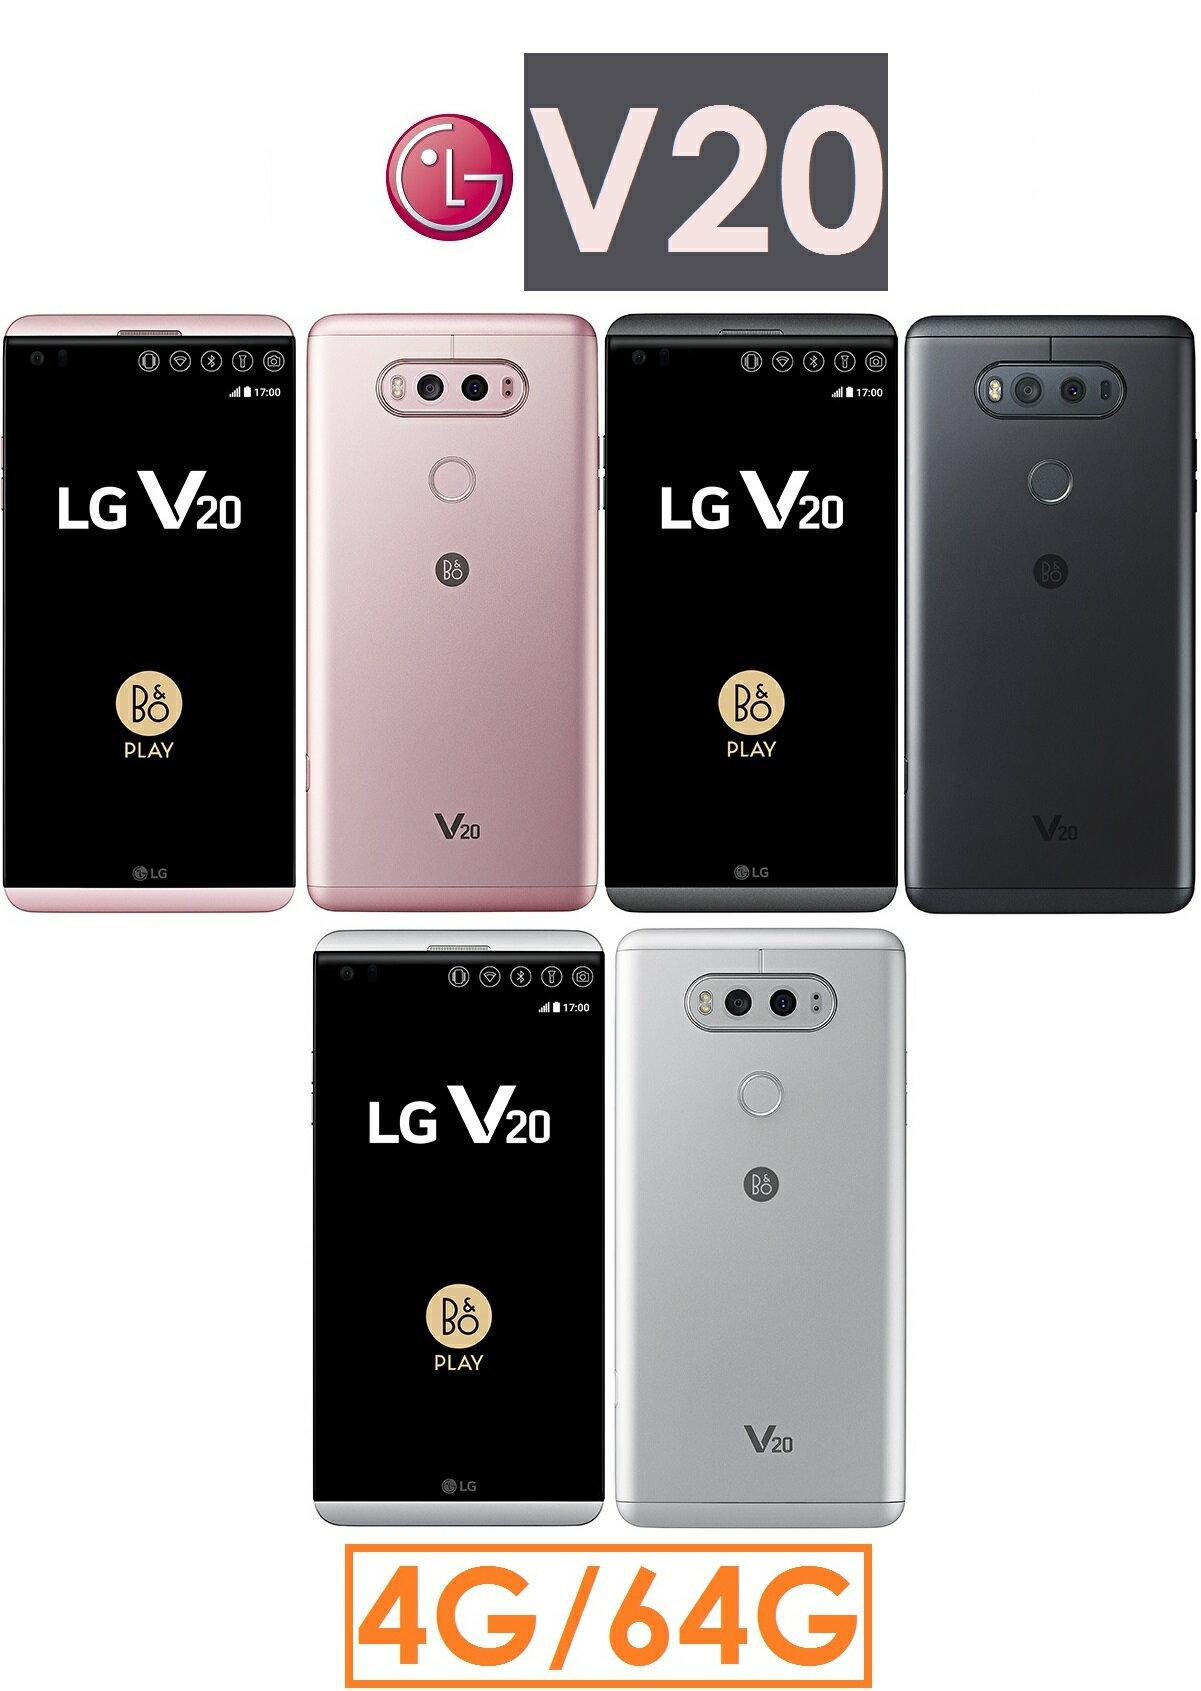 【現貨+預訂】樂金 LG V20 (H990)5.7吋 4G/64G 4G LTE 智慧型手機●雙螢幕●B&O Hi Fi●QC 3.0快充●廣角